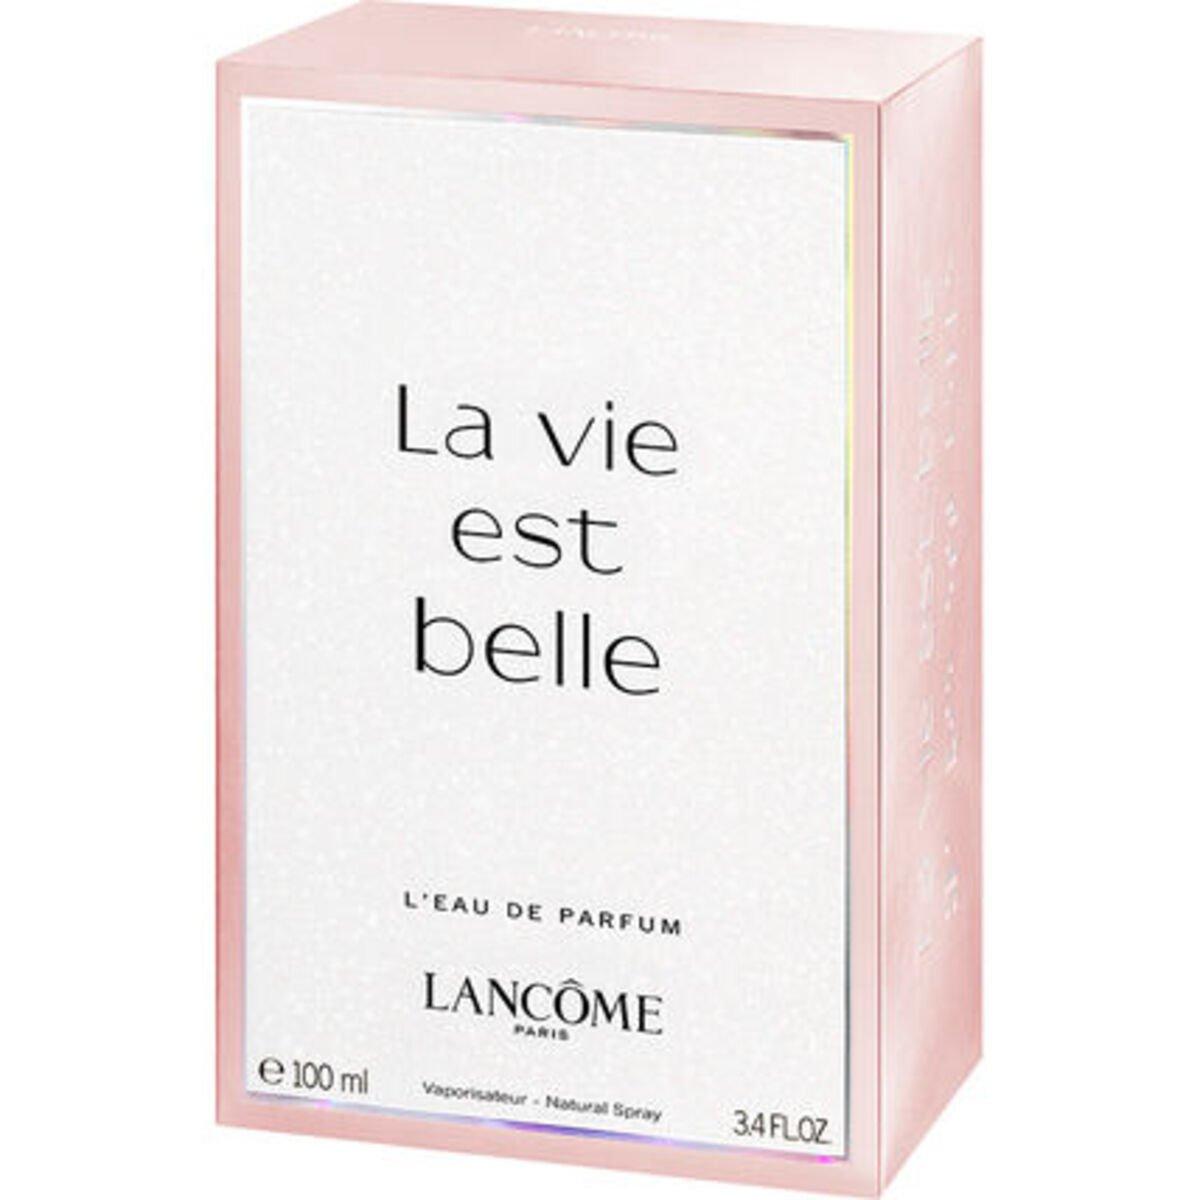 Bild 2 von Lancôme La vie est belle, Eau de Parfum, 100 ml